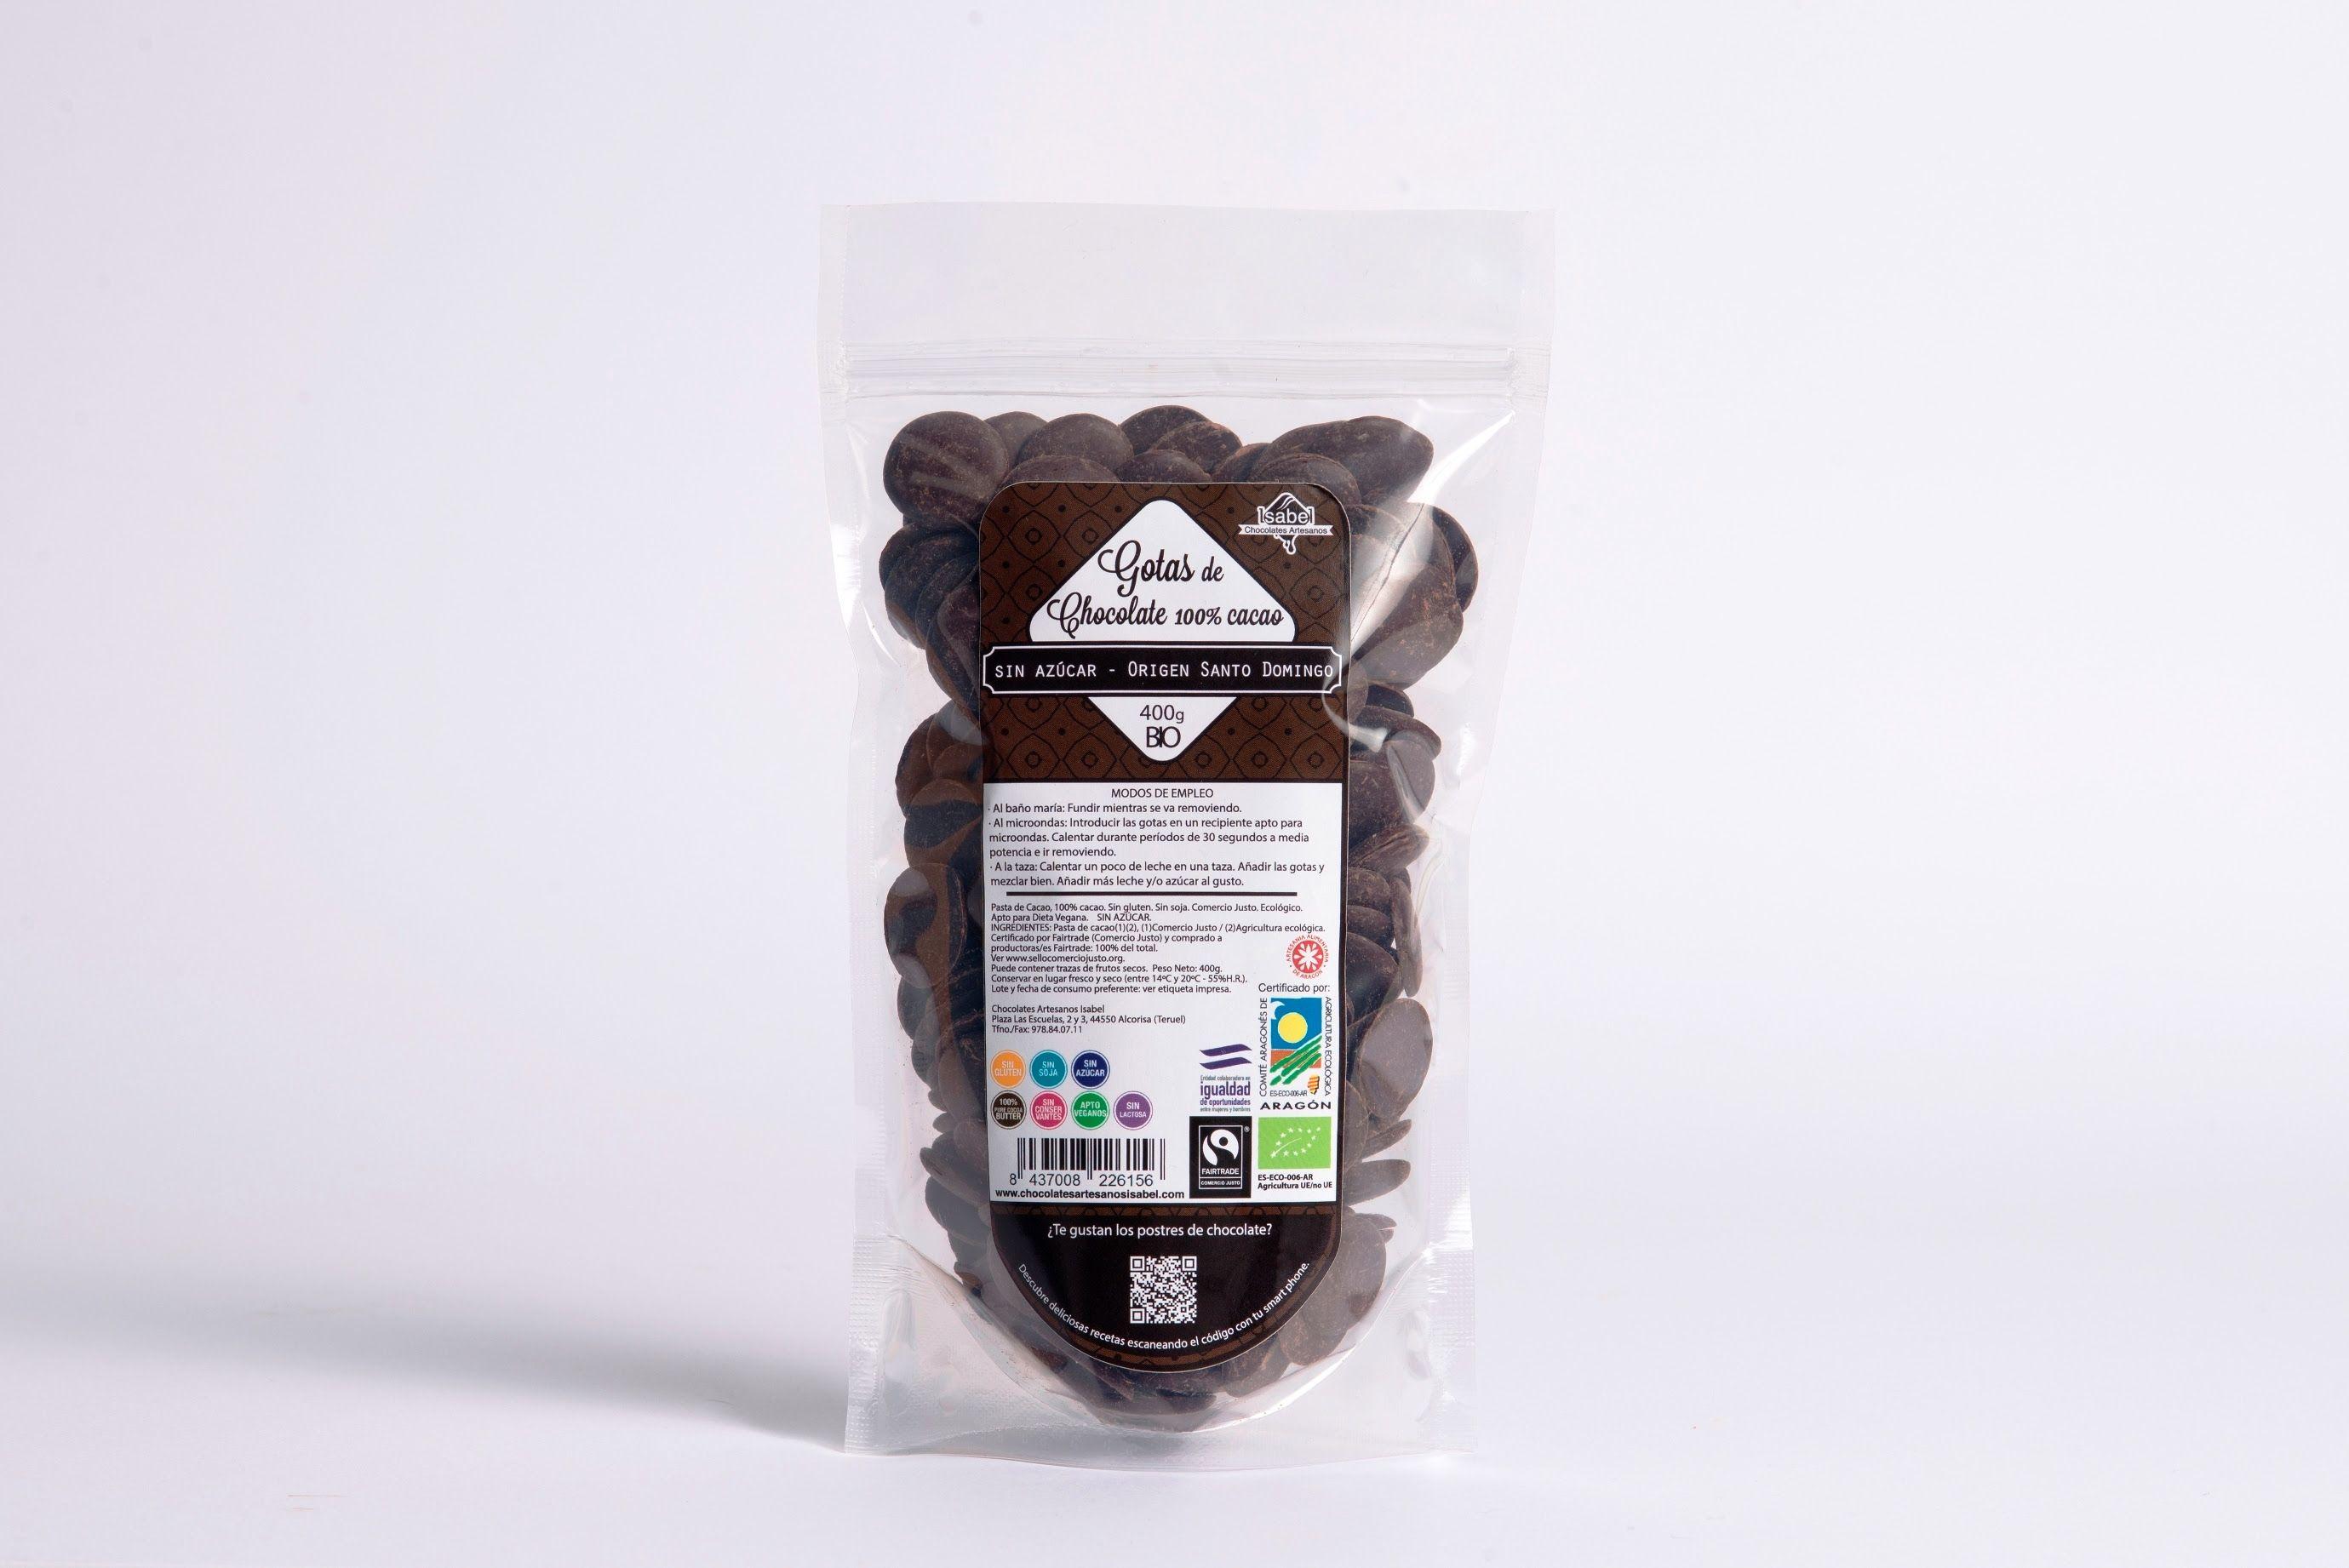 Gotas de Chocolate 100% cacao SIN AZÚCAR